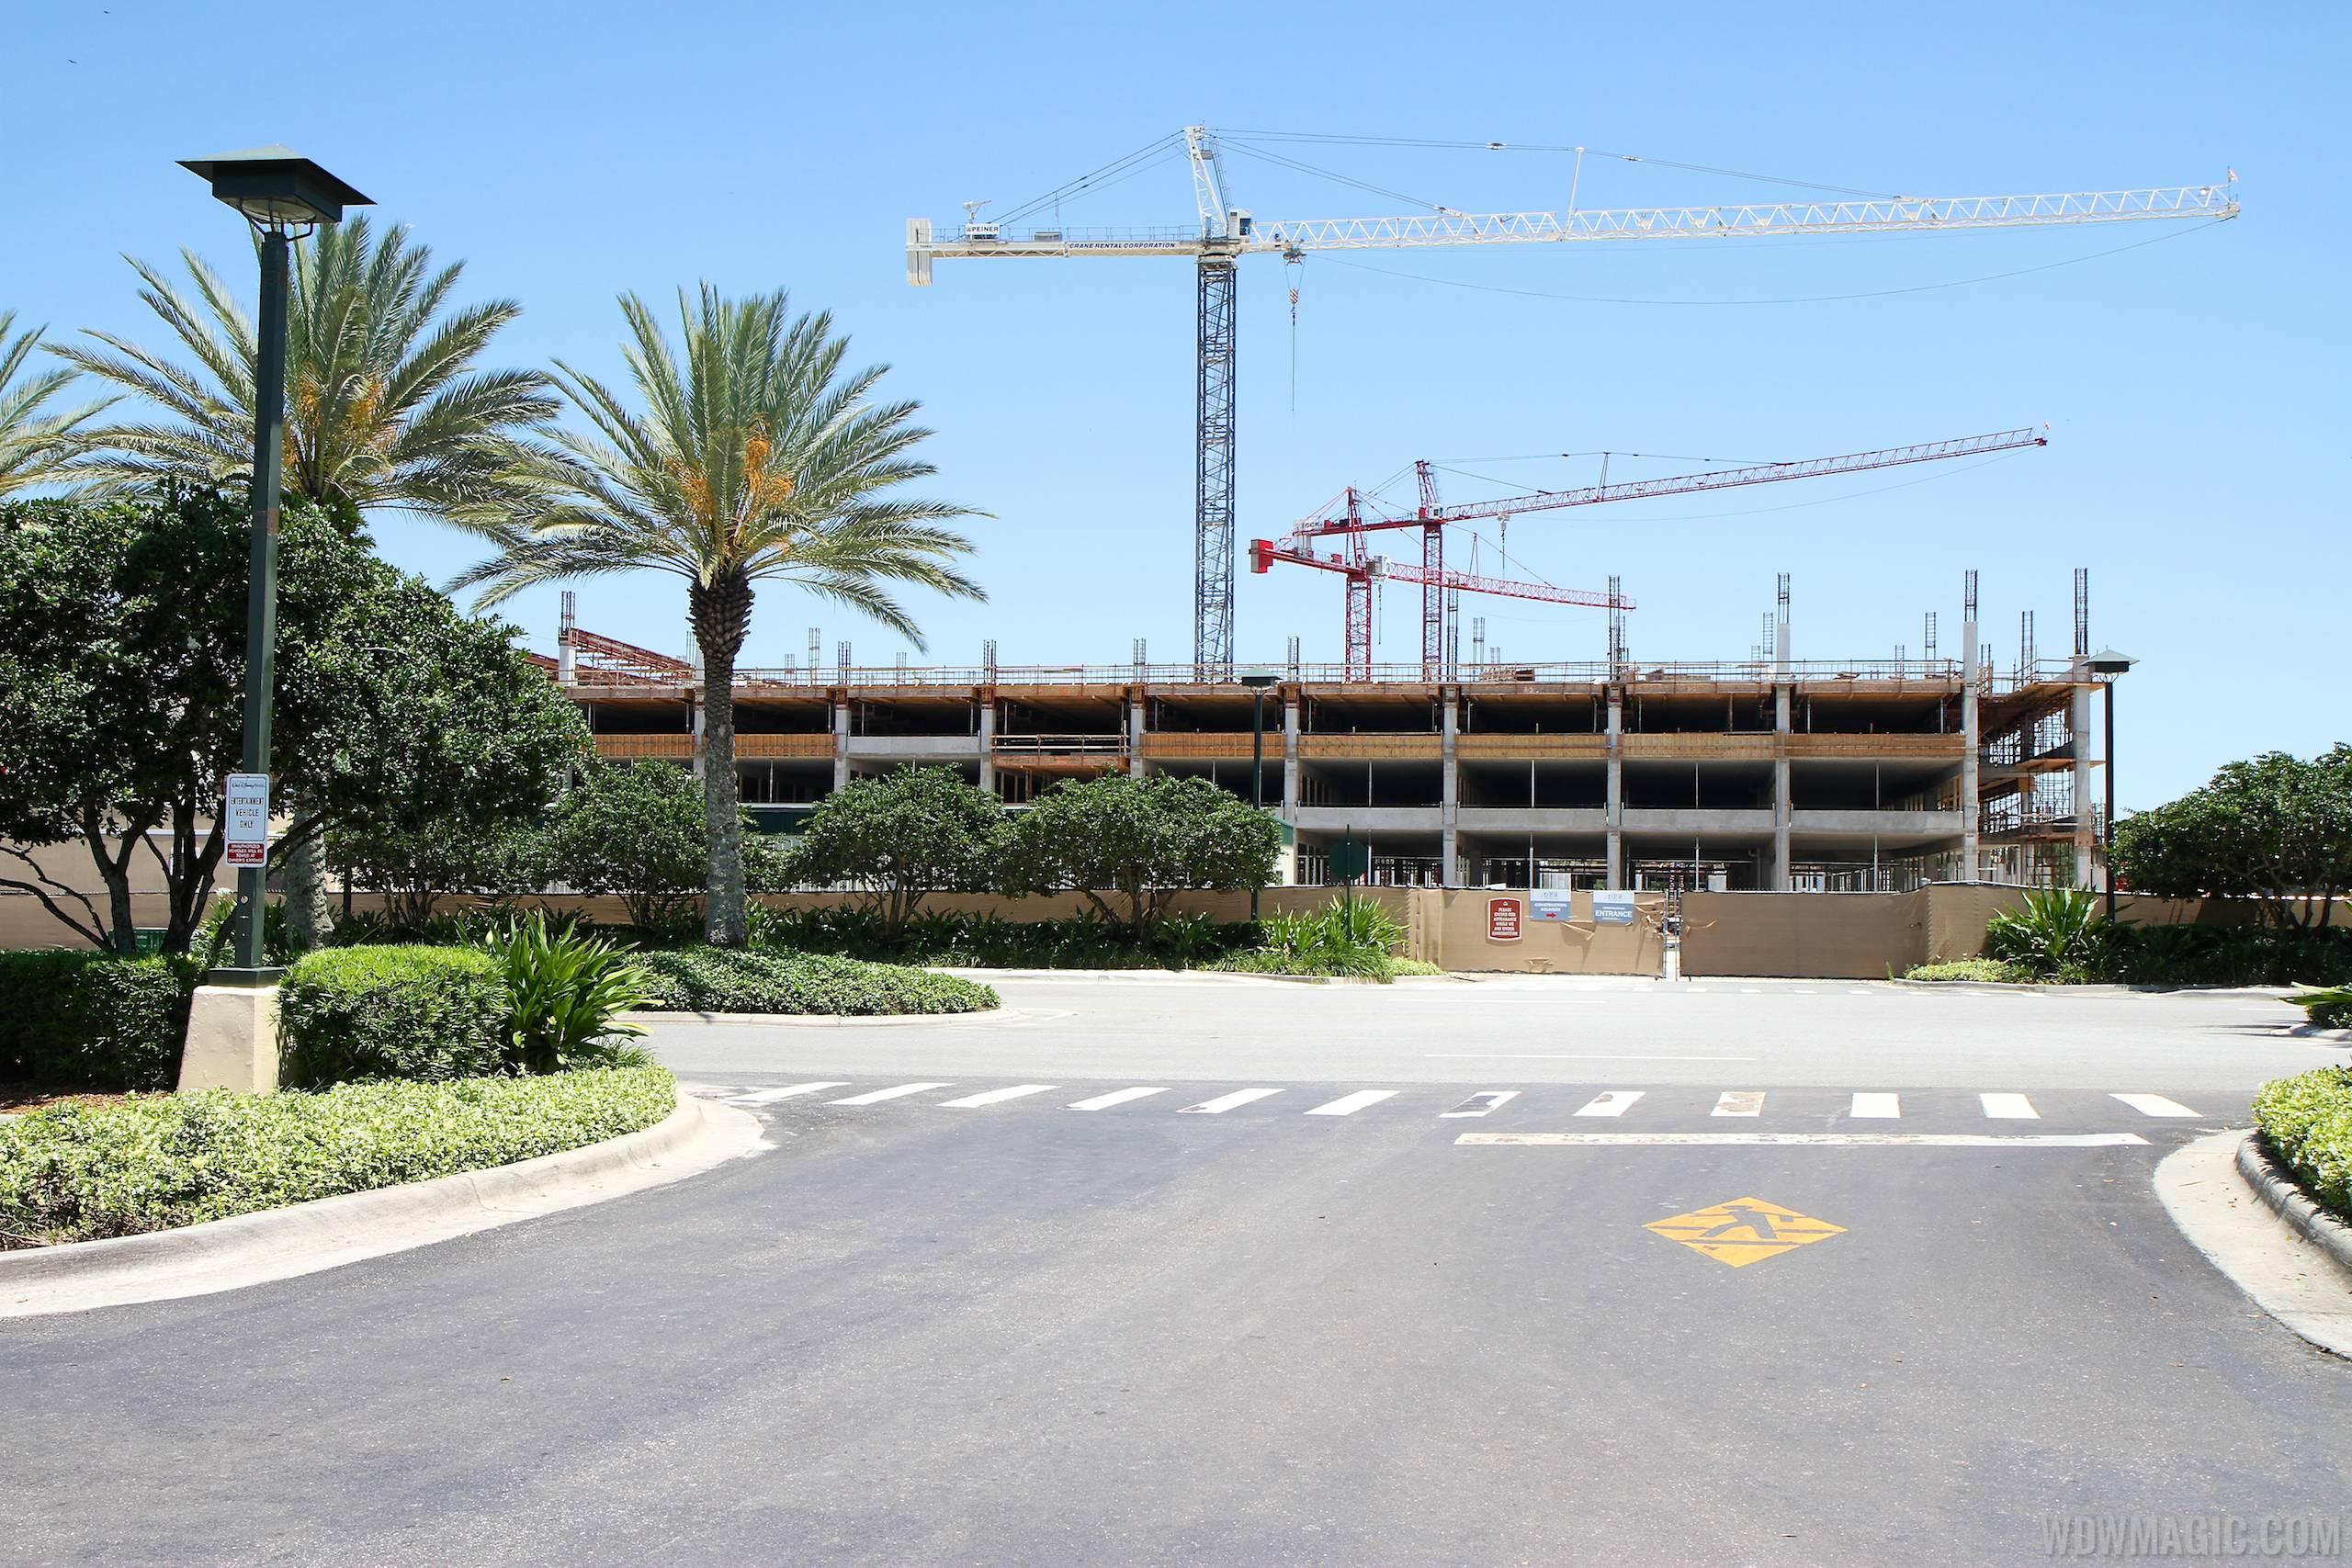 Disney Springs West Side parking garage construction